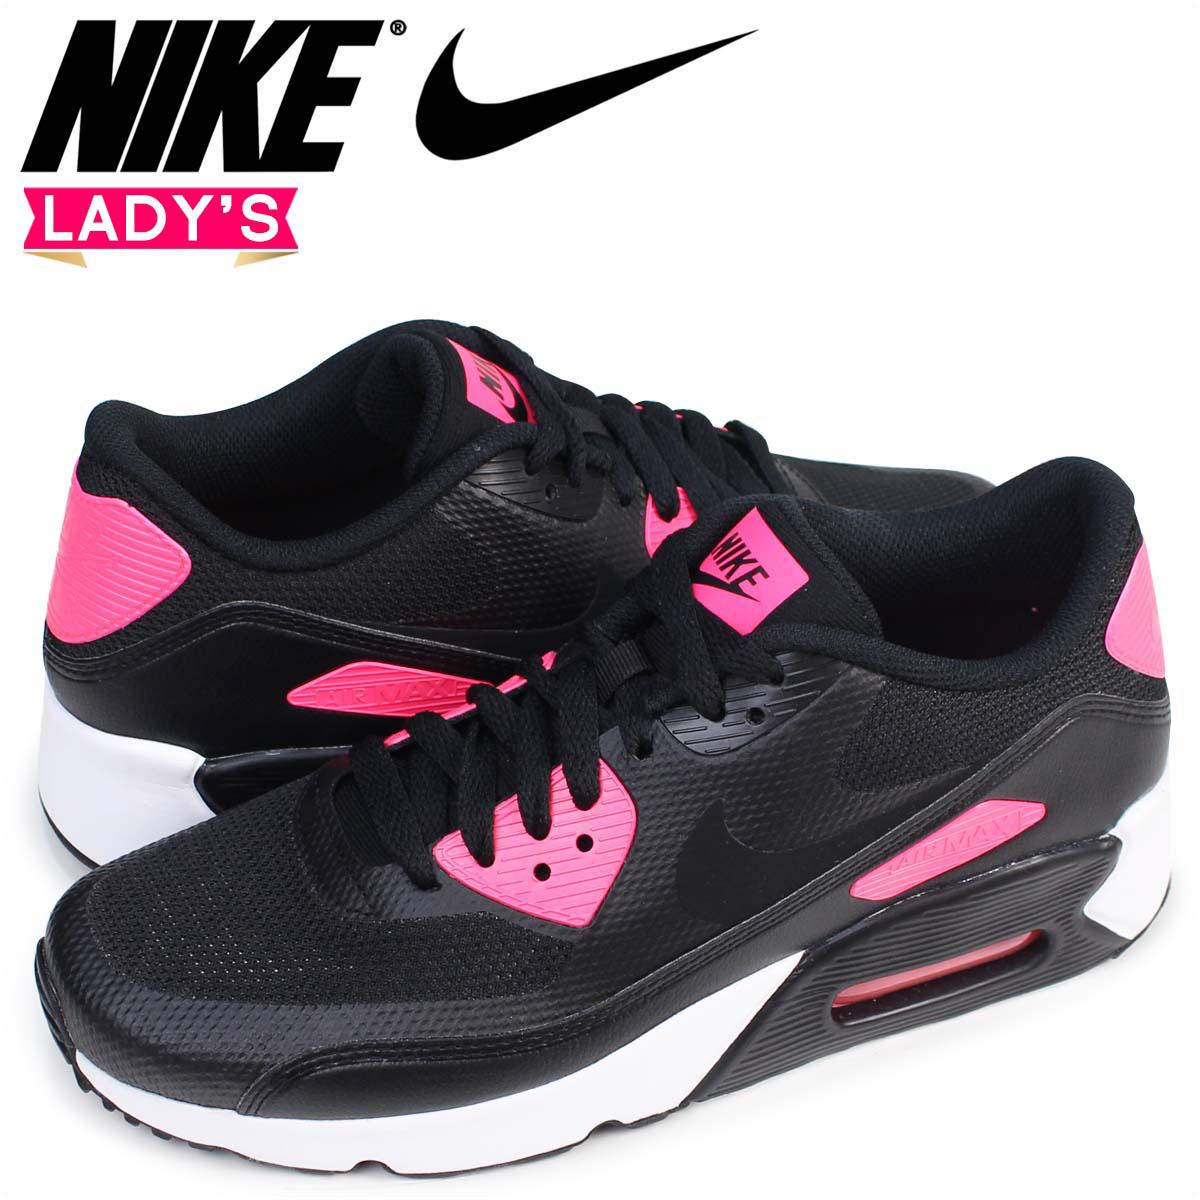 5599e44f5dd69 Sugar Online Shop  Nike NIKE Air Max 90 ultra Lady s sneakers AIR ...